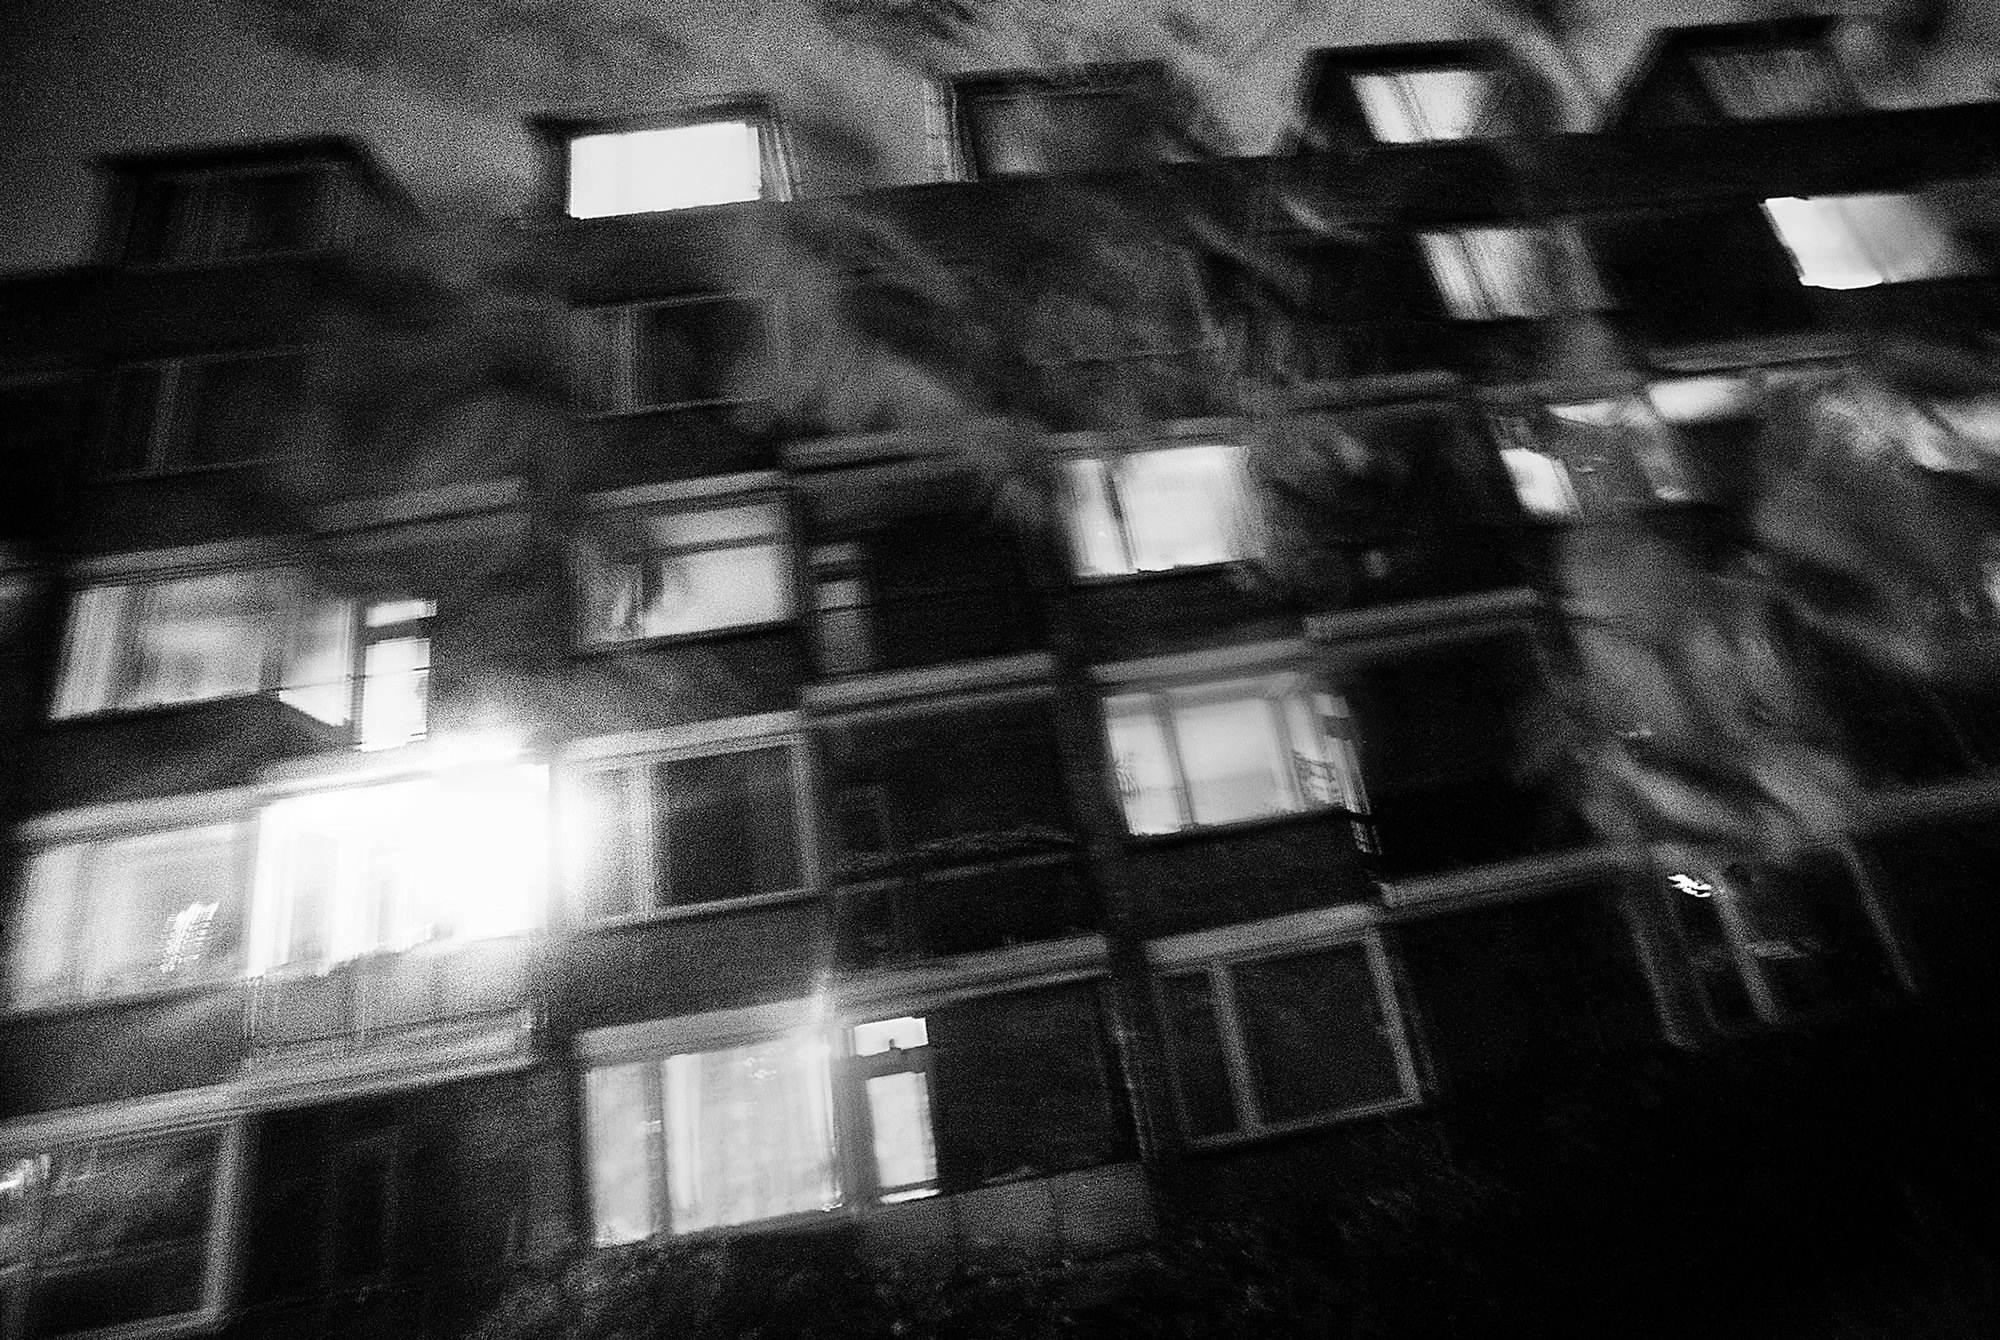 """Mia boede i nogle år i en 2-værelses lejlighed i Københavns      Nordvestkvarter. Hun var glad for lejligheden og      blev stolt, når besøgende fortalte hende, at den slet ikke      lignede en  junkiehule . Men nogle gange gik det galt,      som da en ekskæreste kravlede op ad et nedløbsrør og      ind i andensalslejligheden. Han raserede det hele i en      abstinerende jagt på stoffer.            Mia: """"Det er hjemme i den gamle lejlighed på Tagensvej.      Den betød så meget for mig. Den var mit helle. Jeg      boede pænt og man kunne ikke se, at jeg var misbruger.      Det var som om at alt udadtil var ok. Det kan godt være,      at alt krakelerede inden i mig, men jeg sørgede altid for      at holde lejligheden og mig selv pæn. Selvfølgelig har      der været tider, hvor jeg har været rigtigt hærget og      slem, hvor jeg har været fuldstændig færdig. Men der      har også været perioder hvor jeg har haft det godt, så      min datter jævnligt og aldrig  fuckede  nogen besøg.""""            København, 2004."""